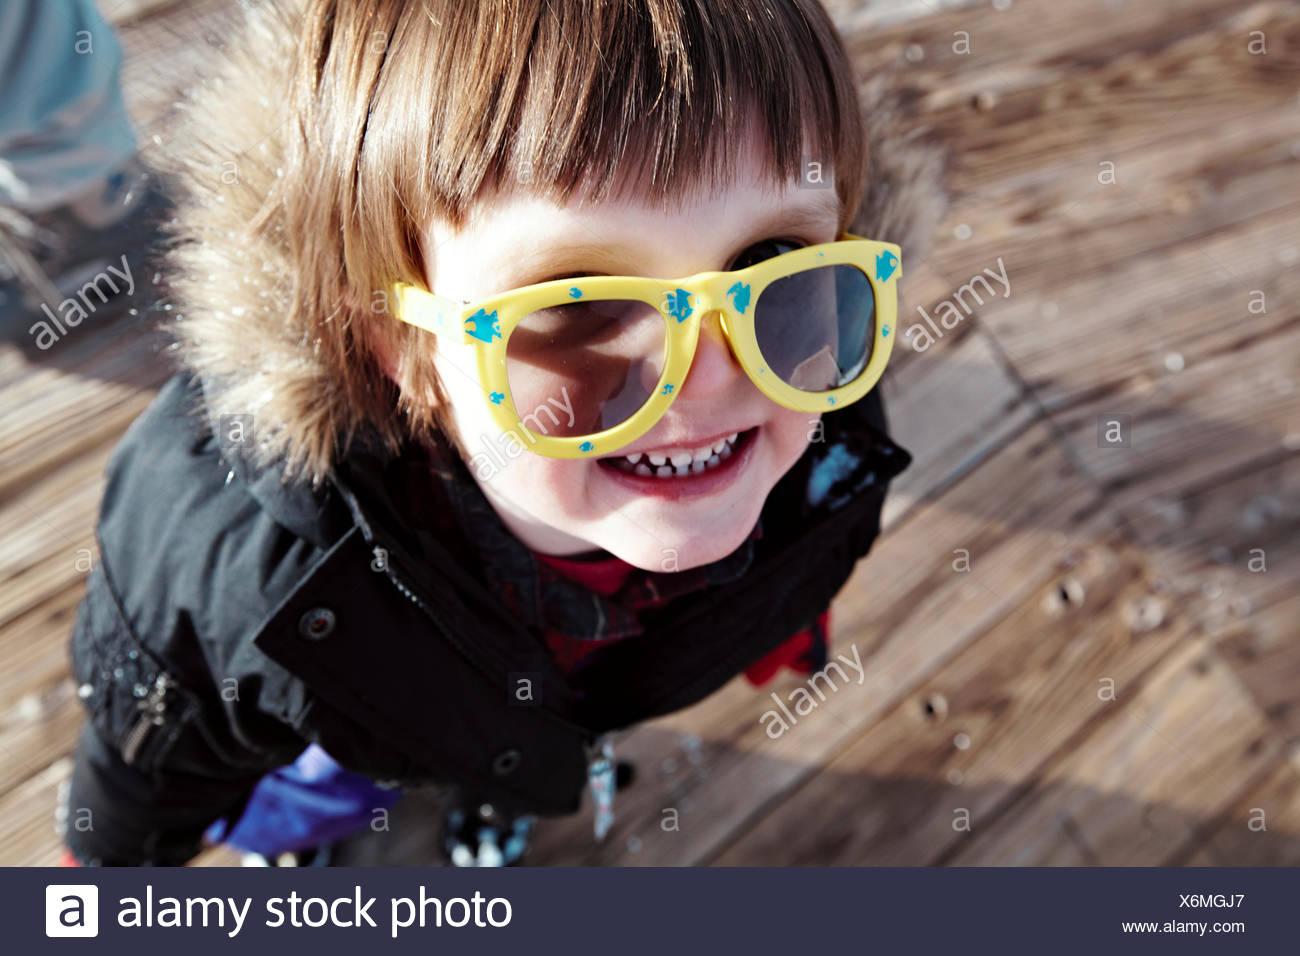 Baby boy (18-23 months) having fun at ski slope - Stock Image